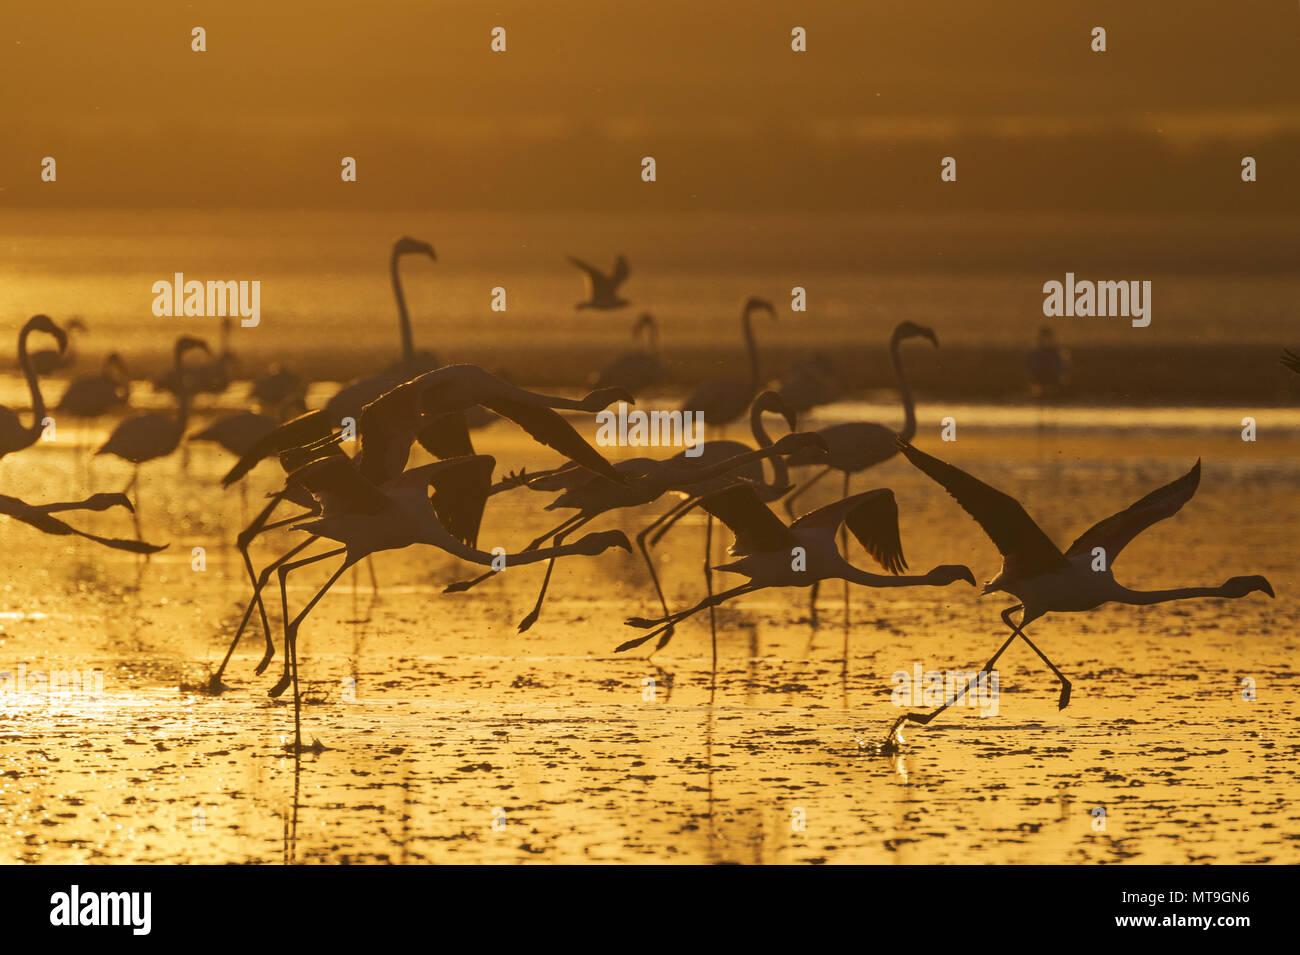 Fenicottero maggiore (Phoenicopterus roseus). Gruppo tenuto-off al tramonto presso la Laguna de Fuente de Piedra vicino alla città di Antequera. Questo è il più grande lago naturale in Andalusia e in Europa è solo la navigazione terreno fertile per questa specie. Provincia di Malaga, Andalusia, Spagna. Foto Stock